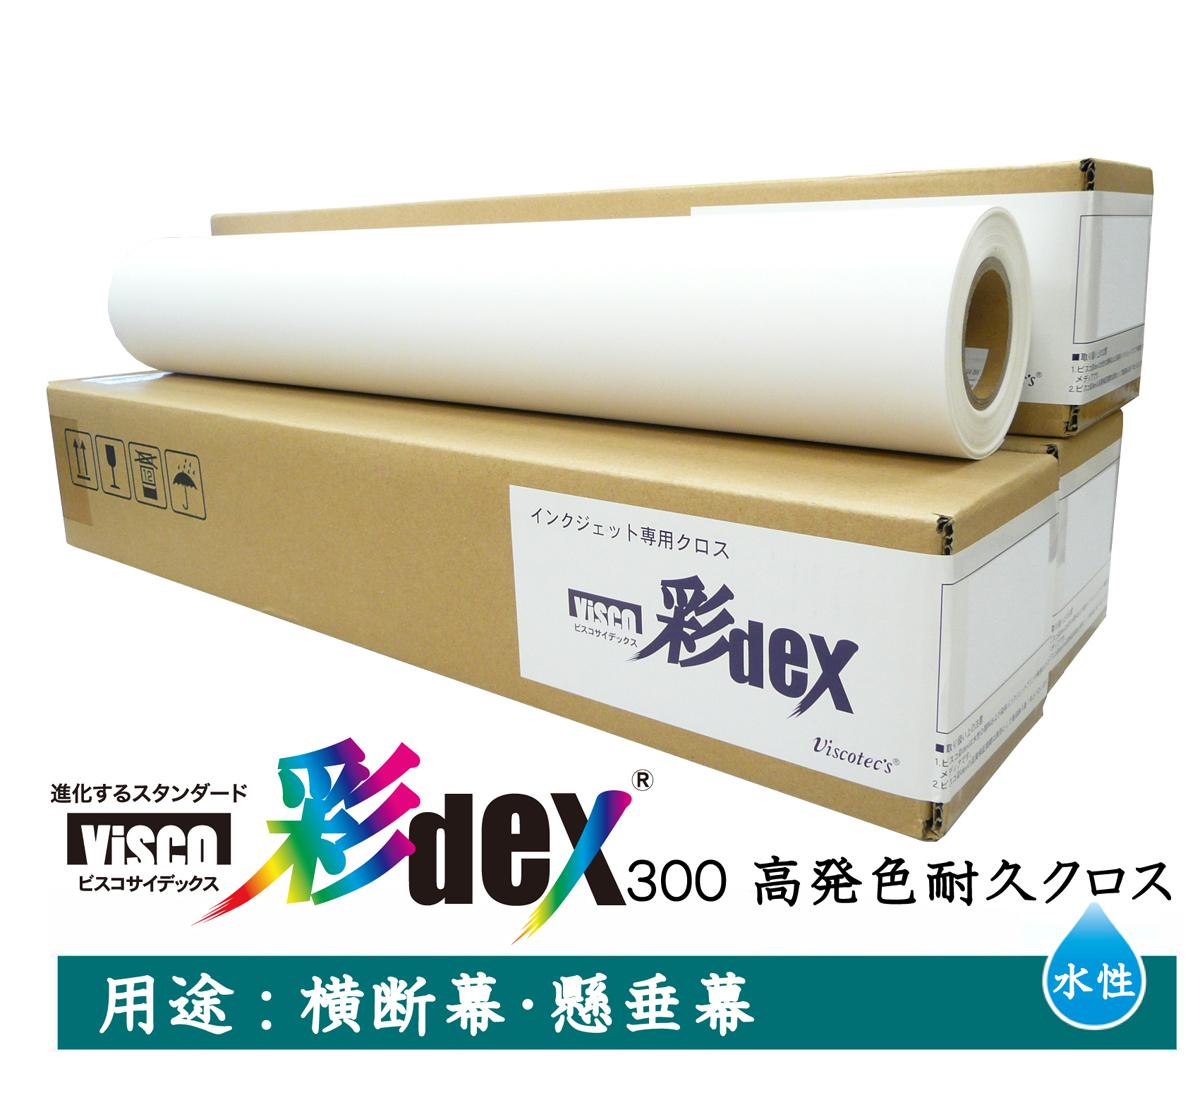 セーレン 水性クロスメディア 彩DEXシリーズ 高発色耐久クロス 1062mm×20m 2インチ 彩dex300 [ HS010C/360-1062 ]